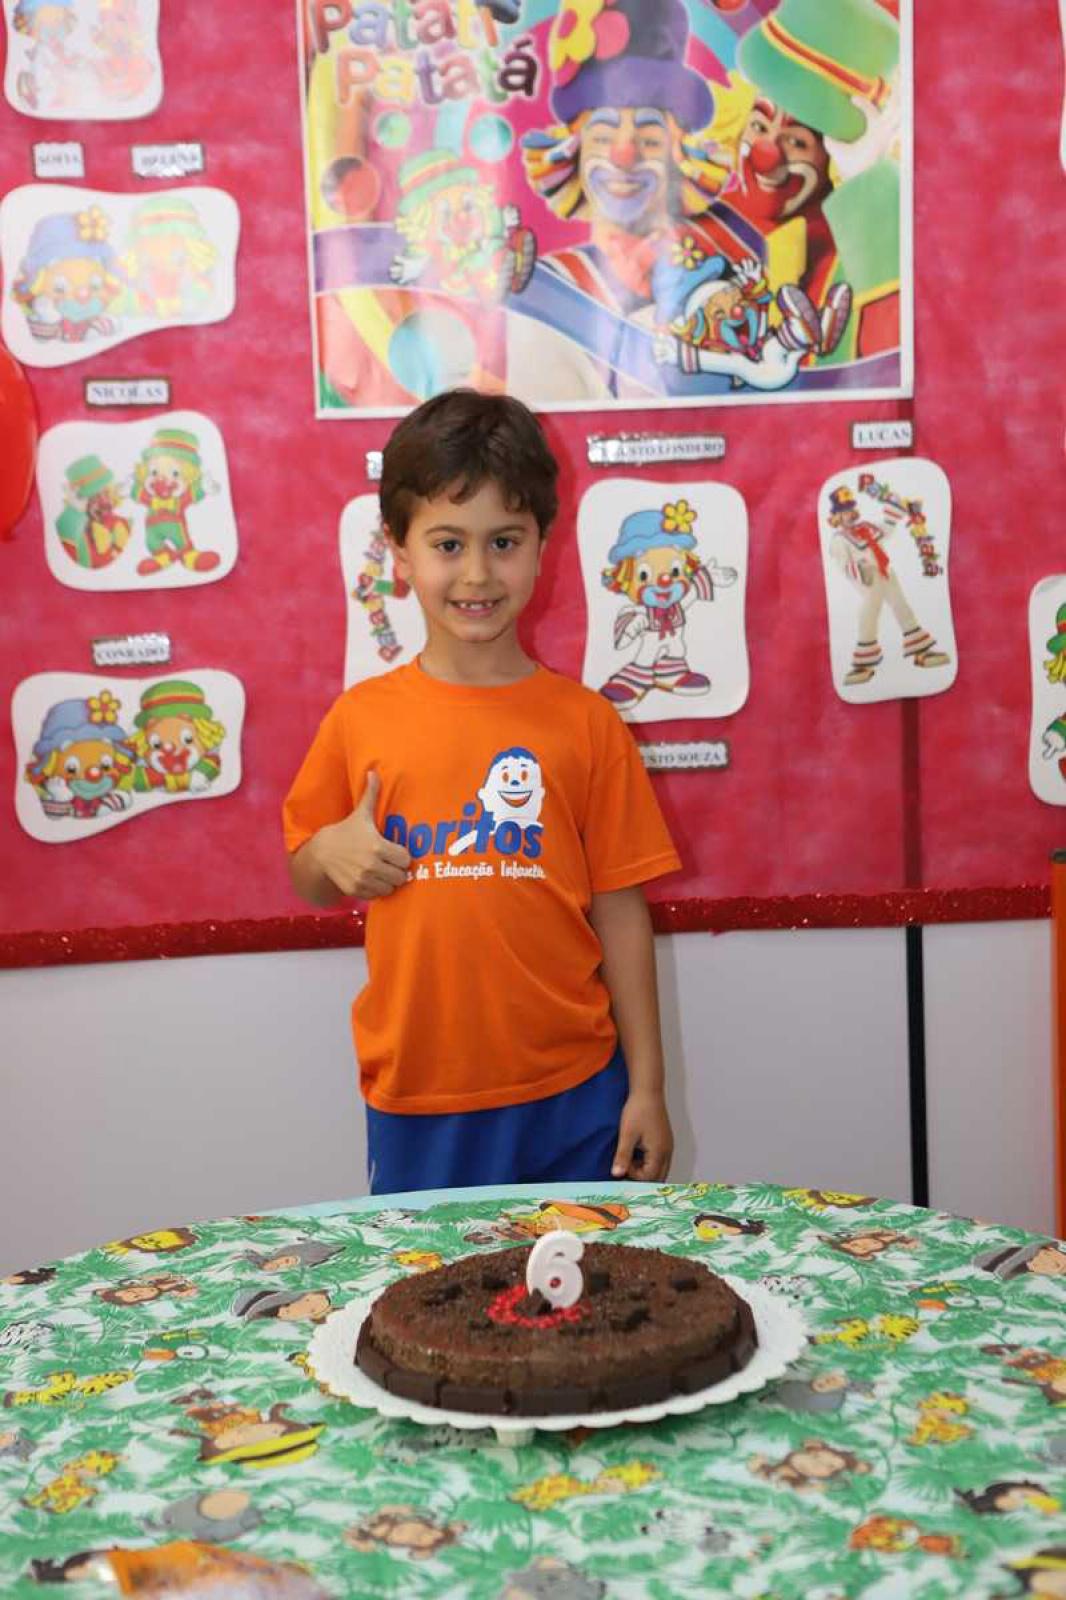 Aniversariantes de Agosto - Escola Doritos